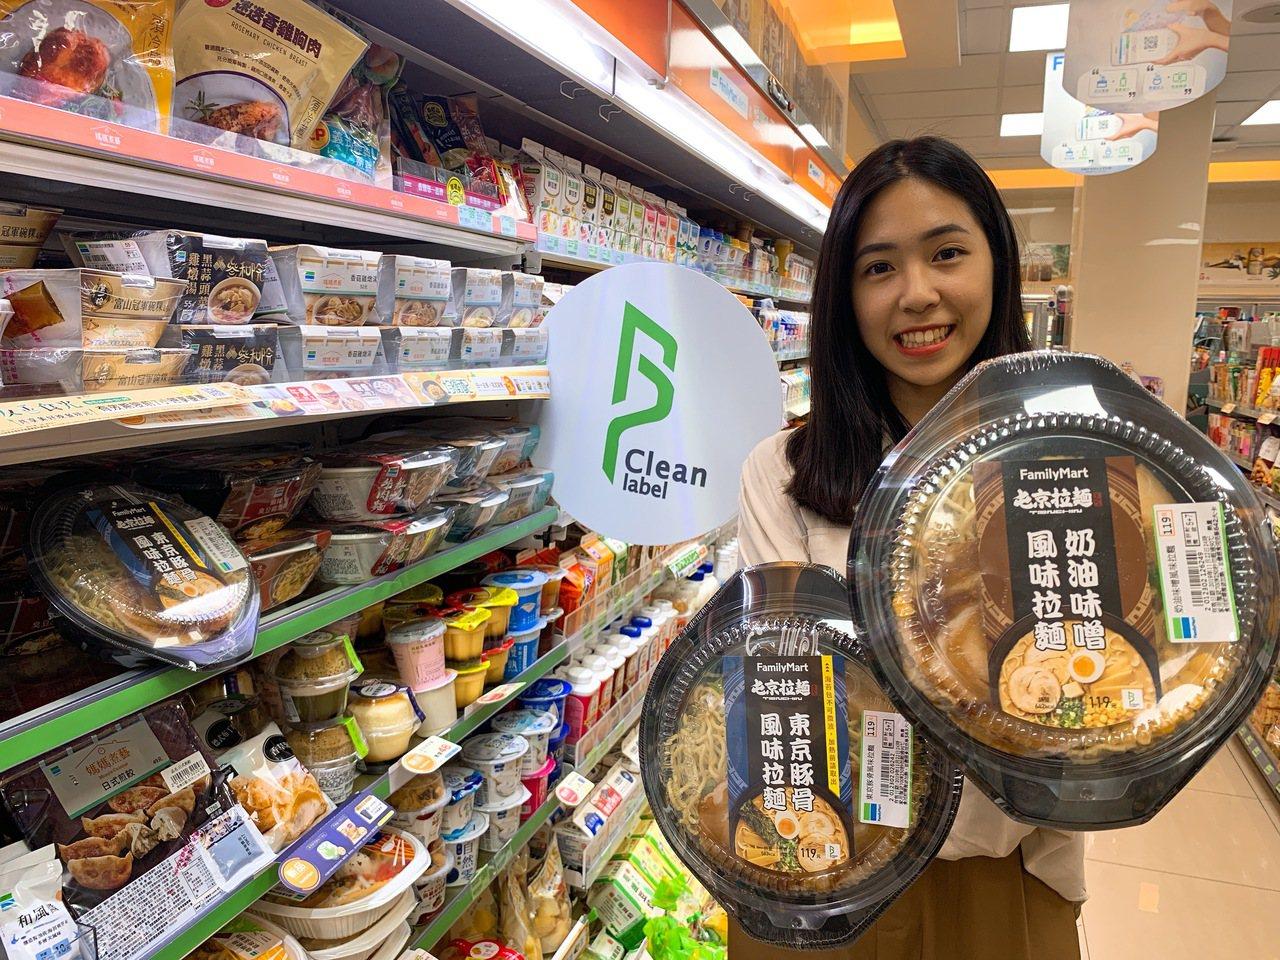 全家便利商店鮮食新品都以通過Clean Label評鑑為優先。11月20日最新上...